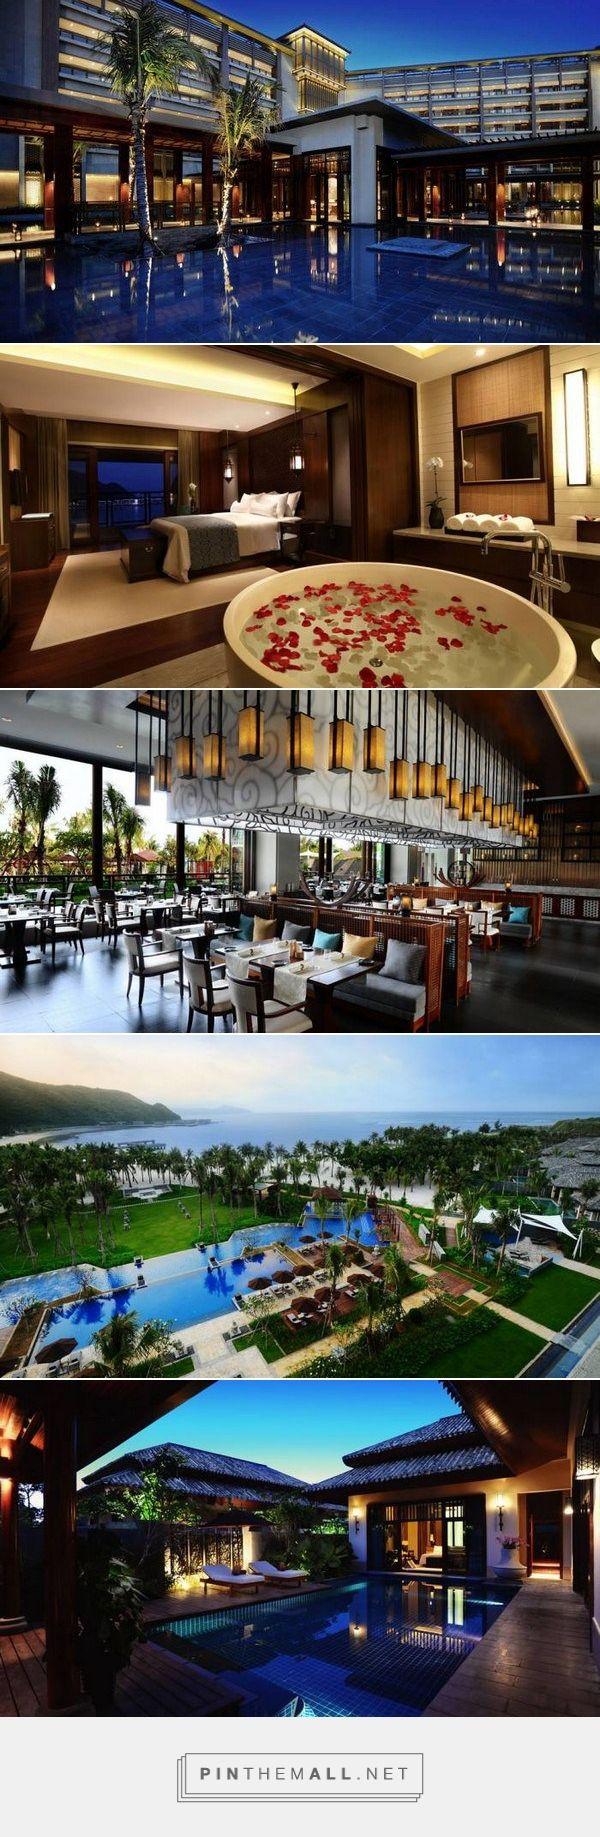 Anantara Sanya Resort and Spa, Hainan Island, China  #SanyaHeartstoHearts campaign started. Learn More at @visitsanya